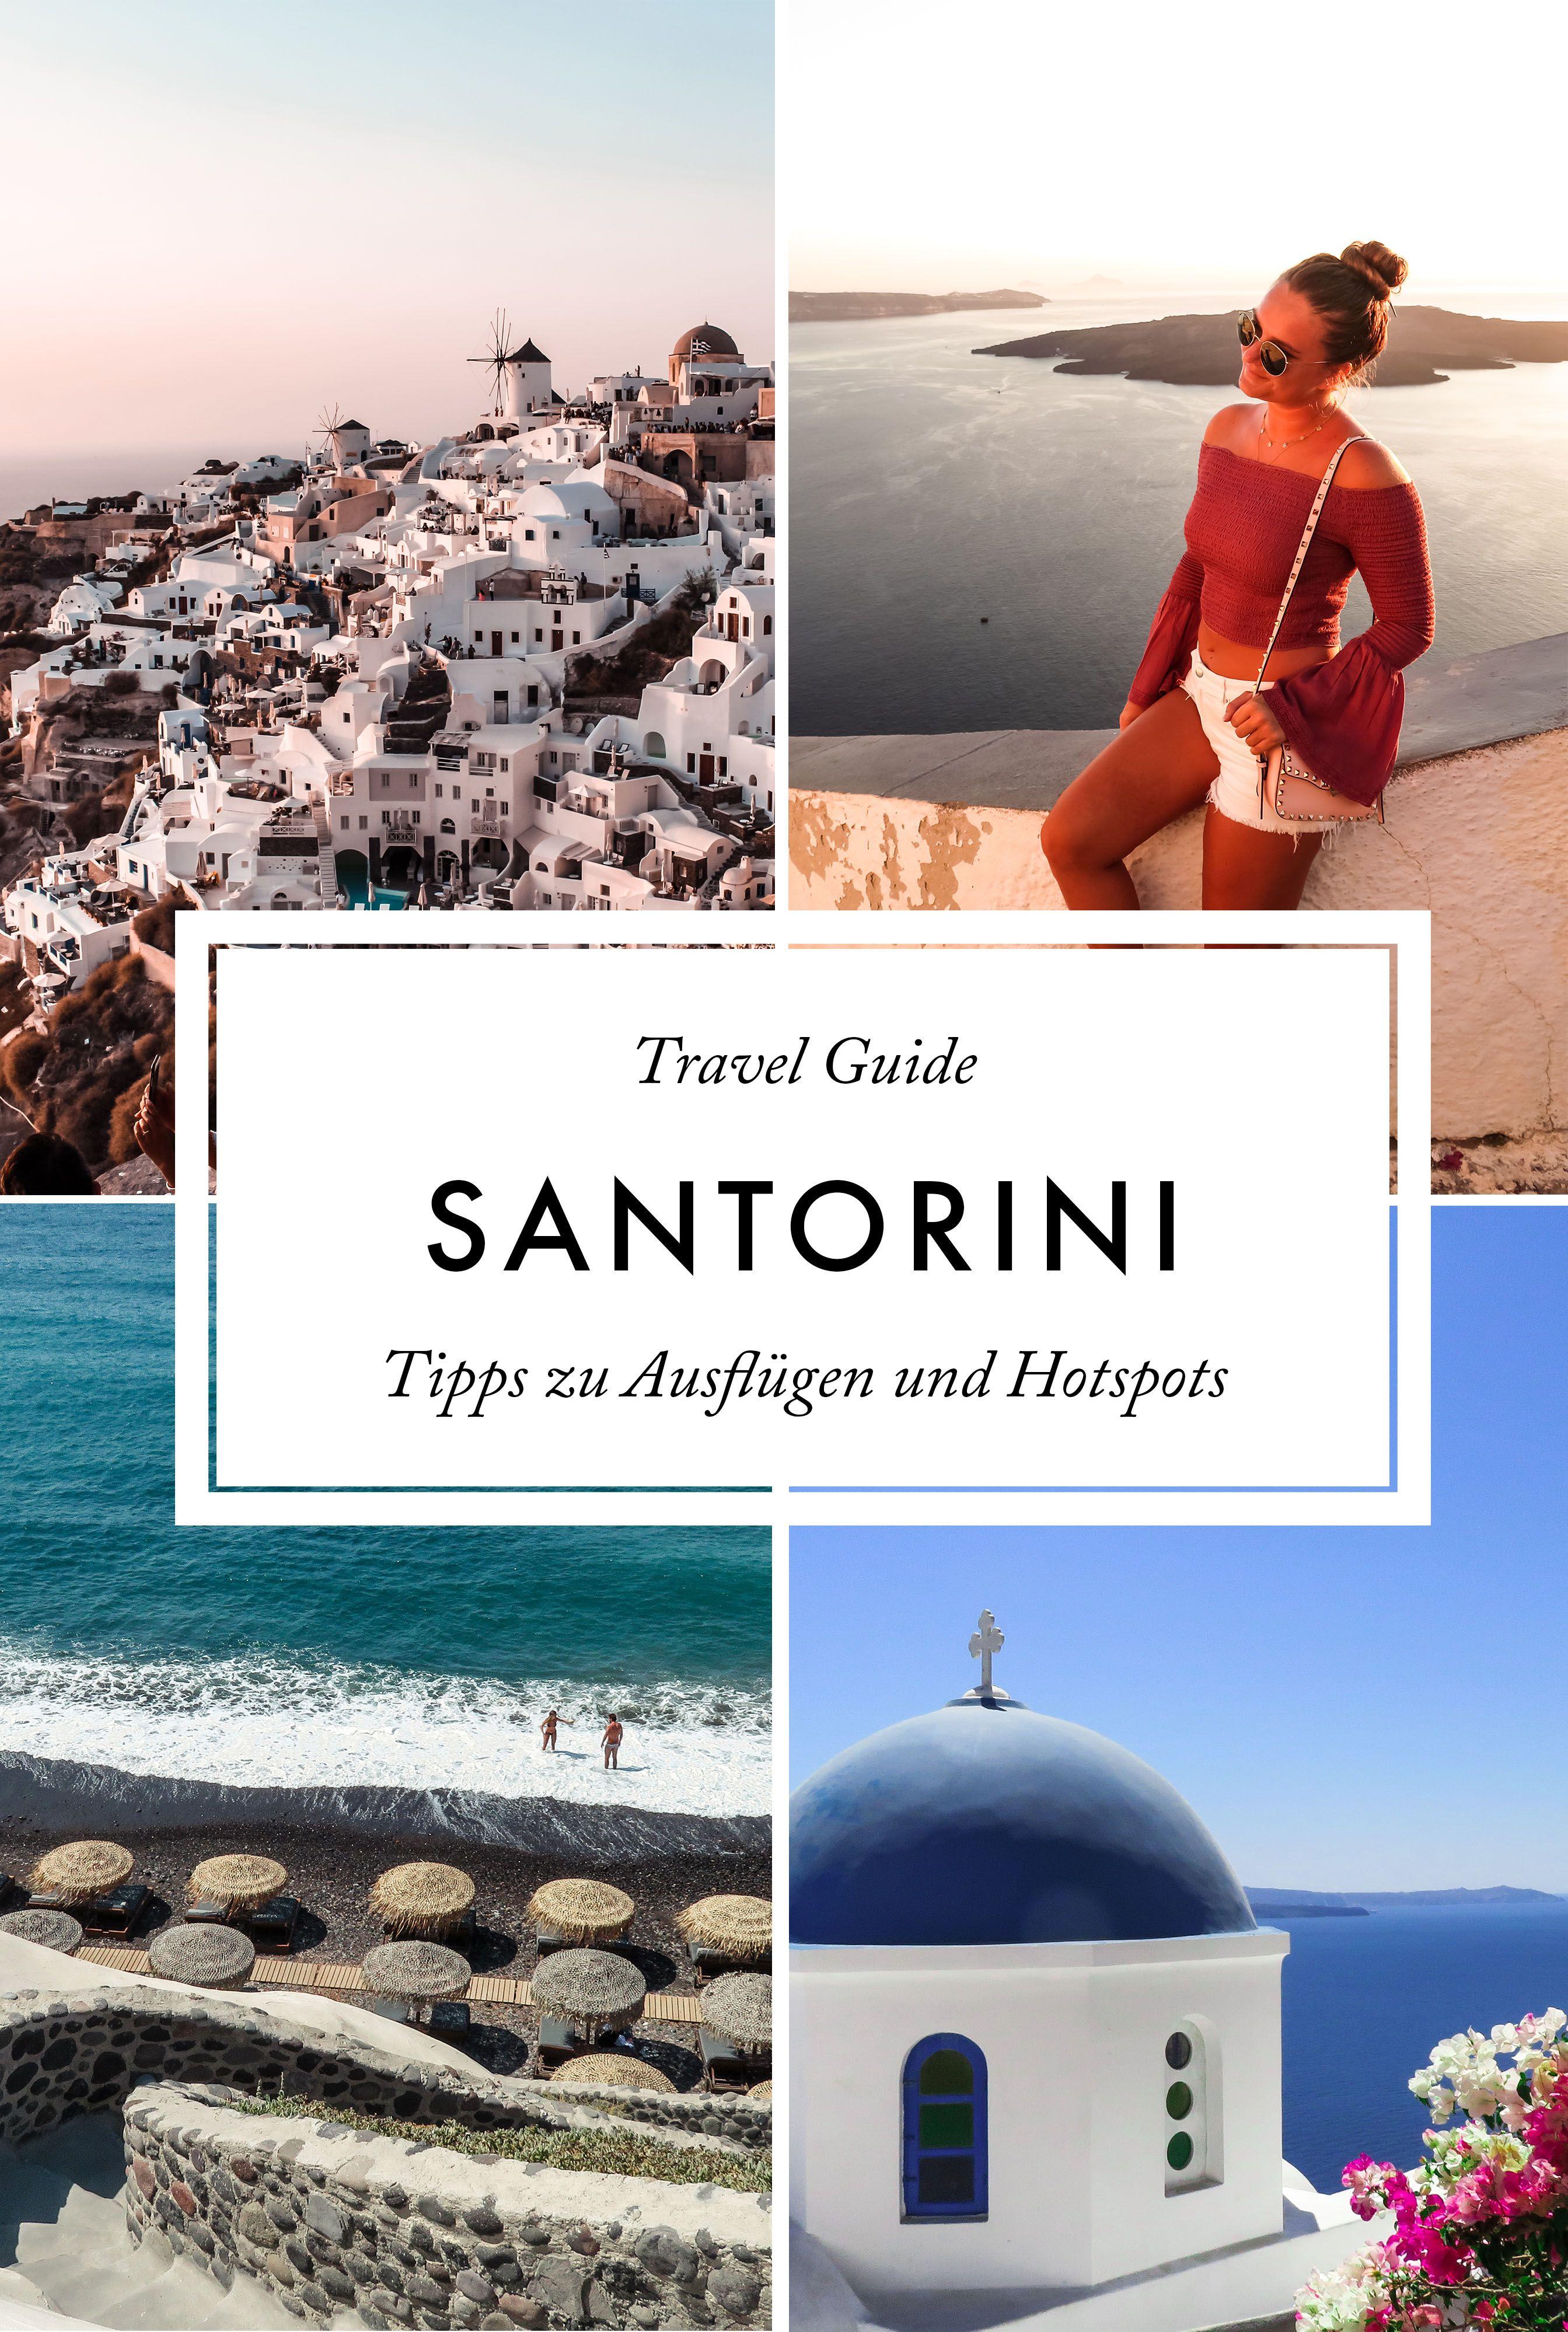 Guía de viaje de Santorini: consejos para viajes y puntos de acceso – Ninifeh travel blog